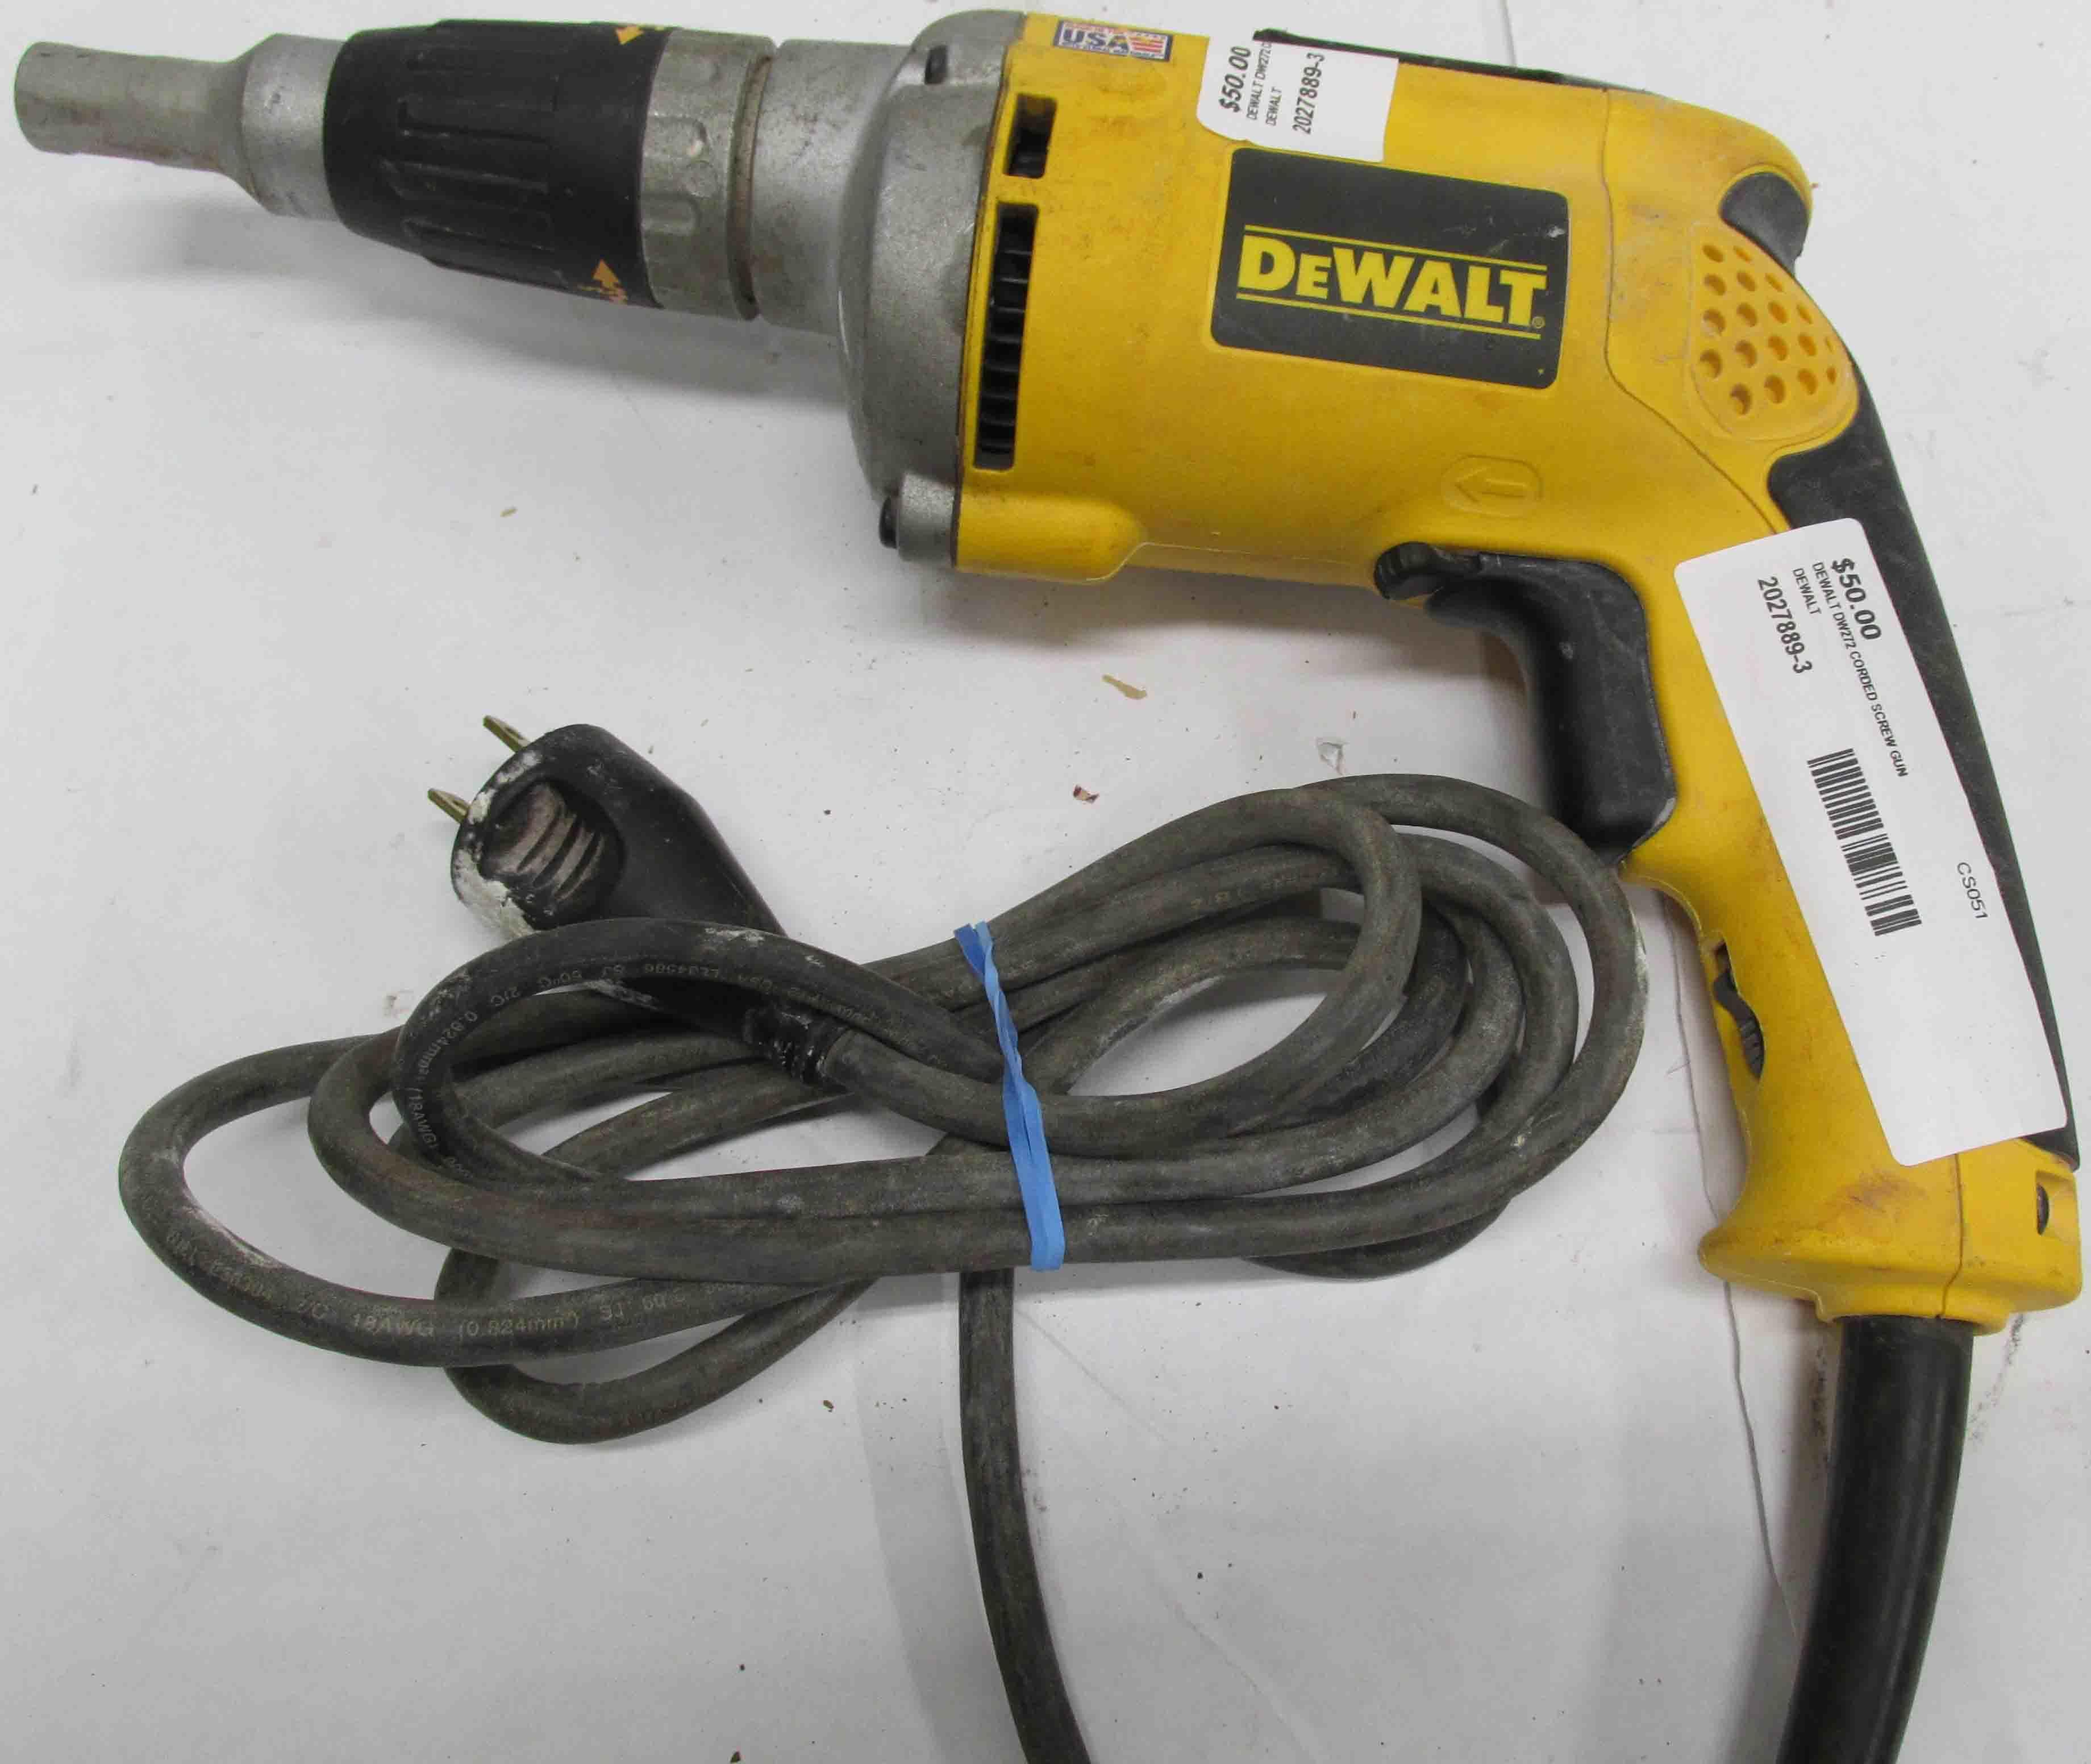 DeWalt DW272 Corded VSR Drywall Screwdriver